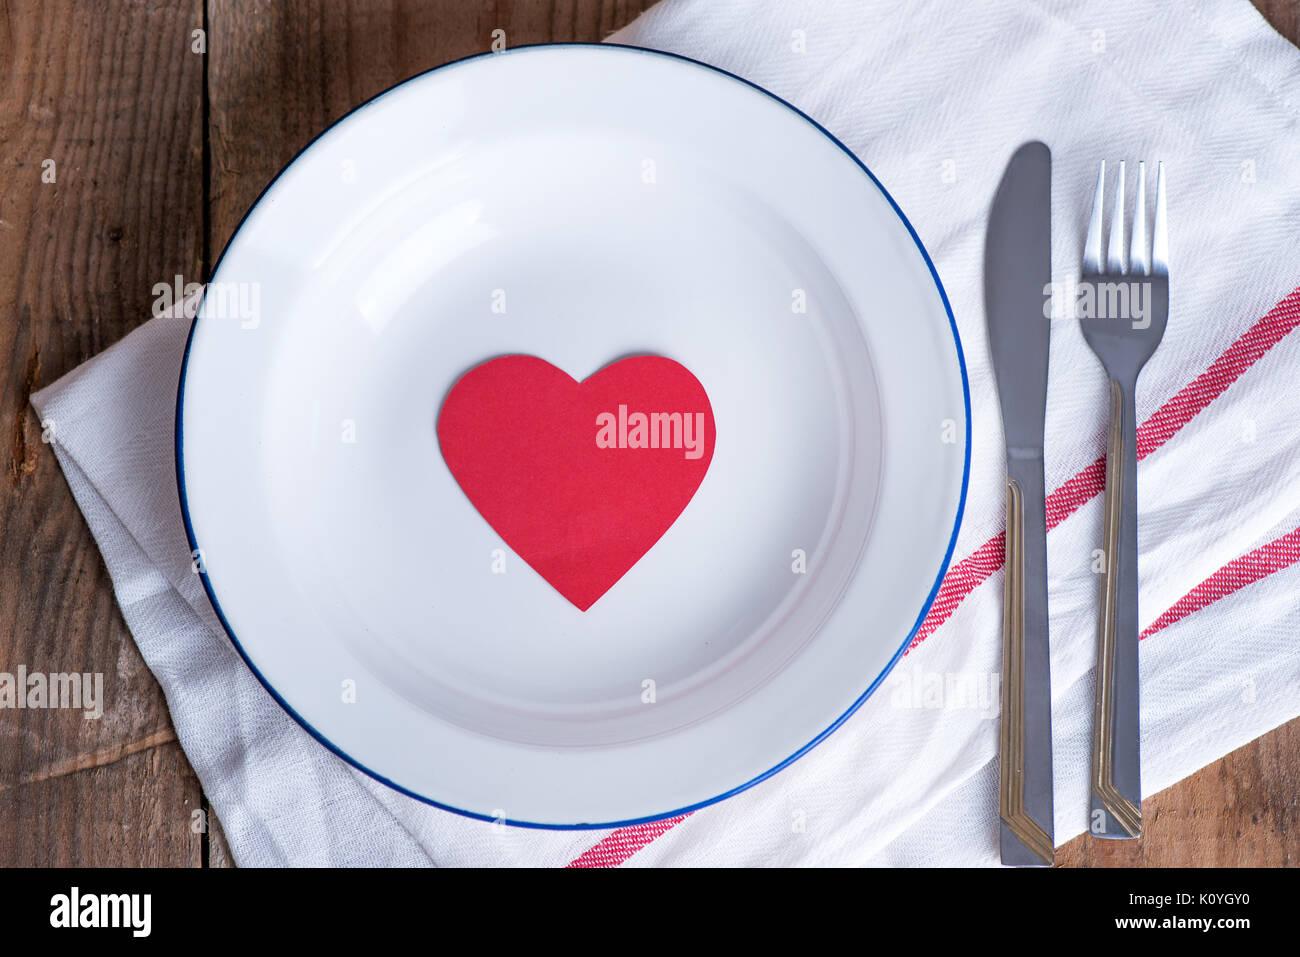 Concepto de dieta y pérdida de peso. Vaciar la placa con papel rojo corazón en medio de la placa. Imagen De Stock